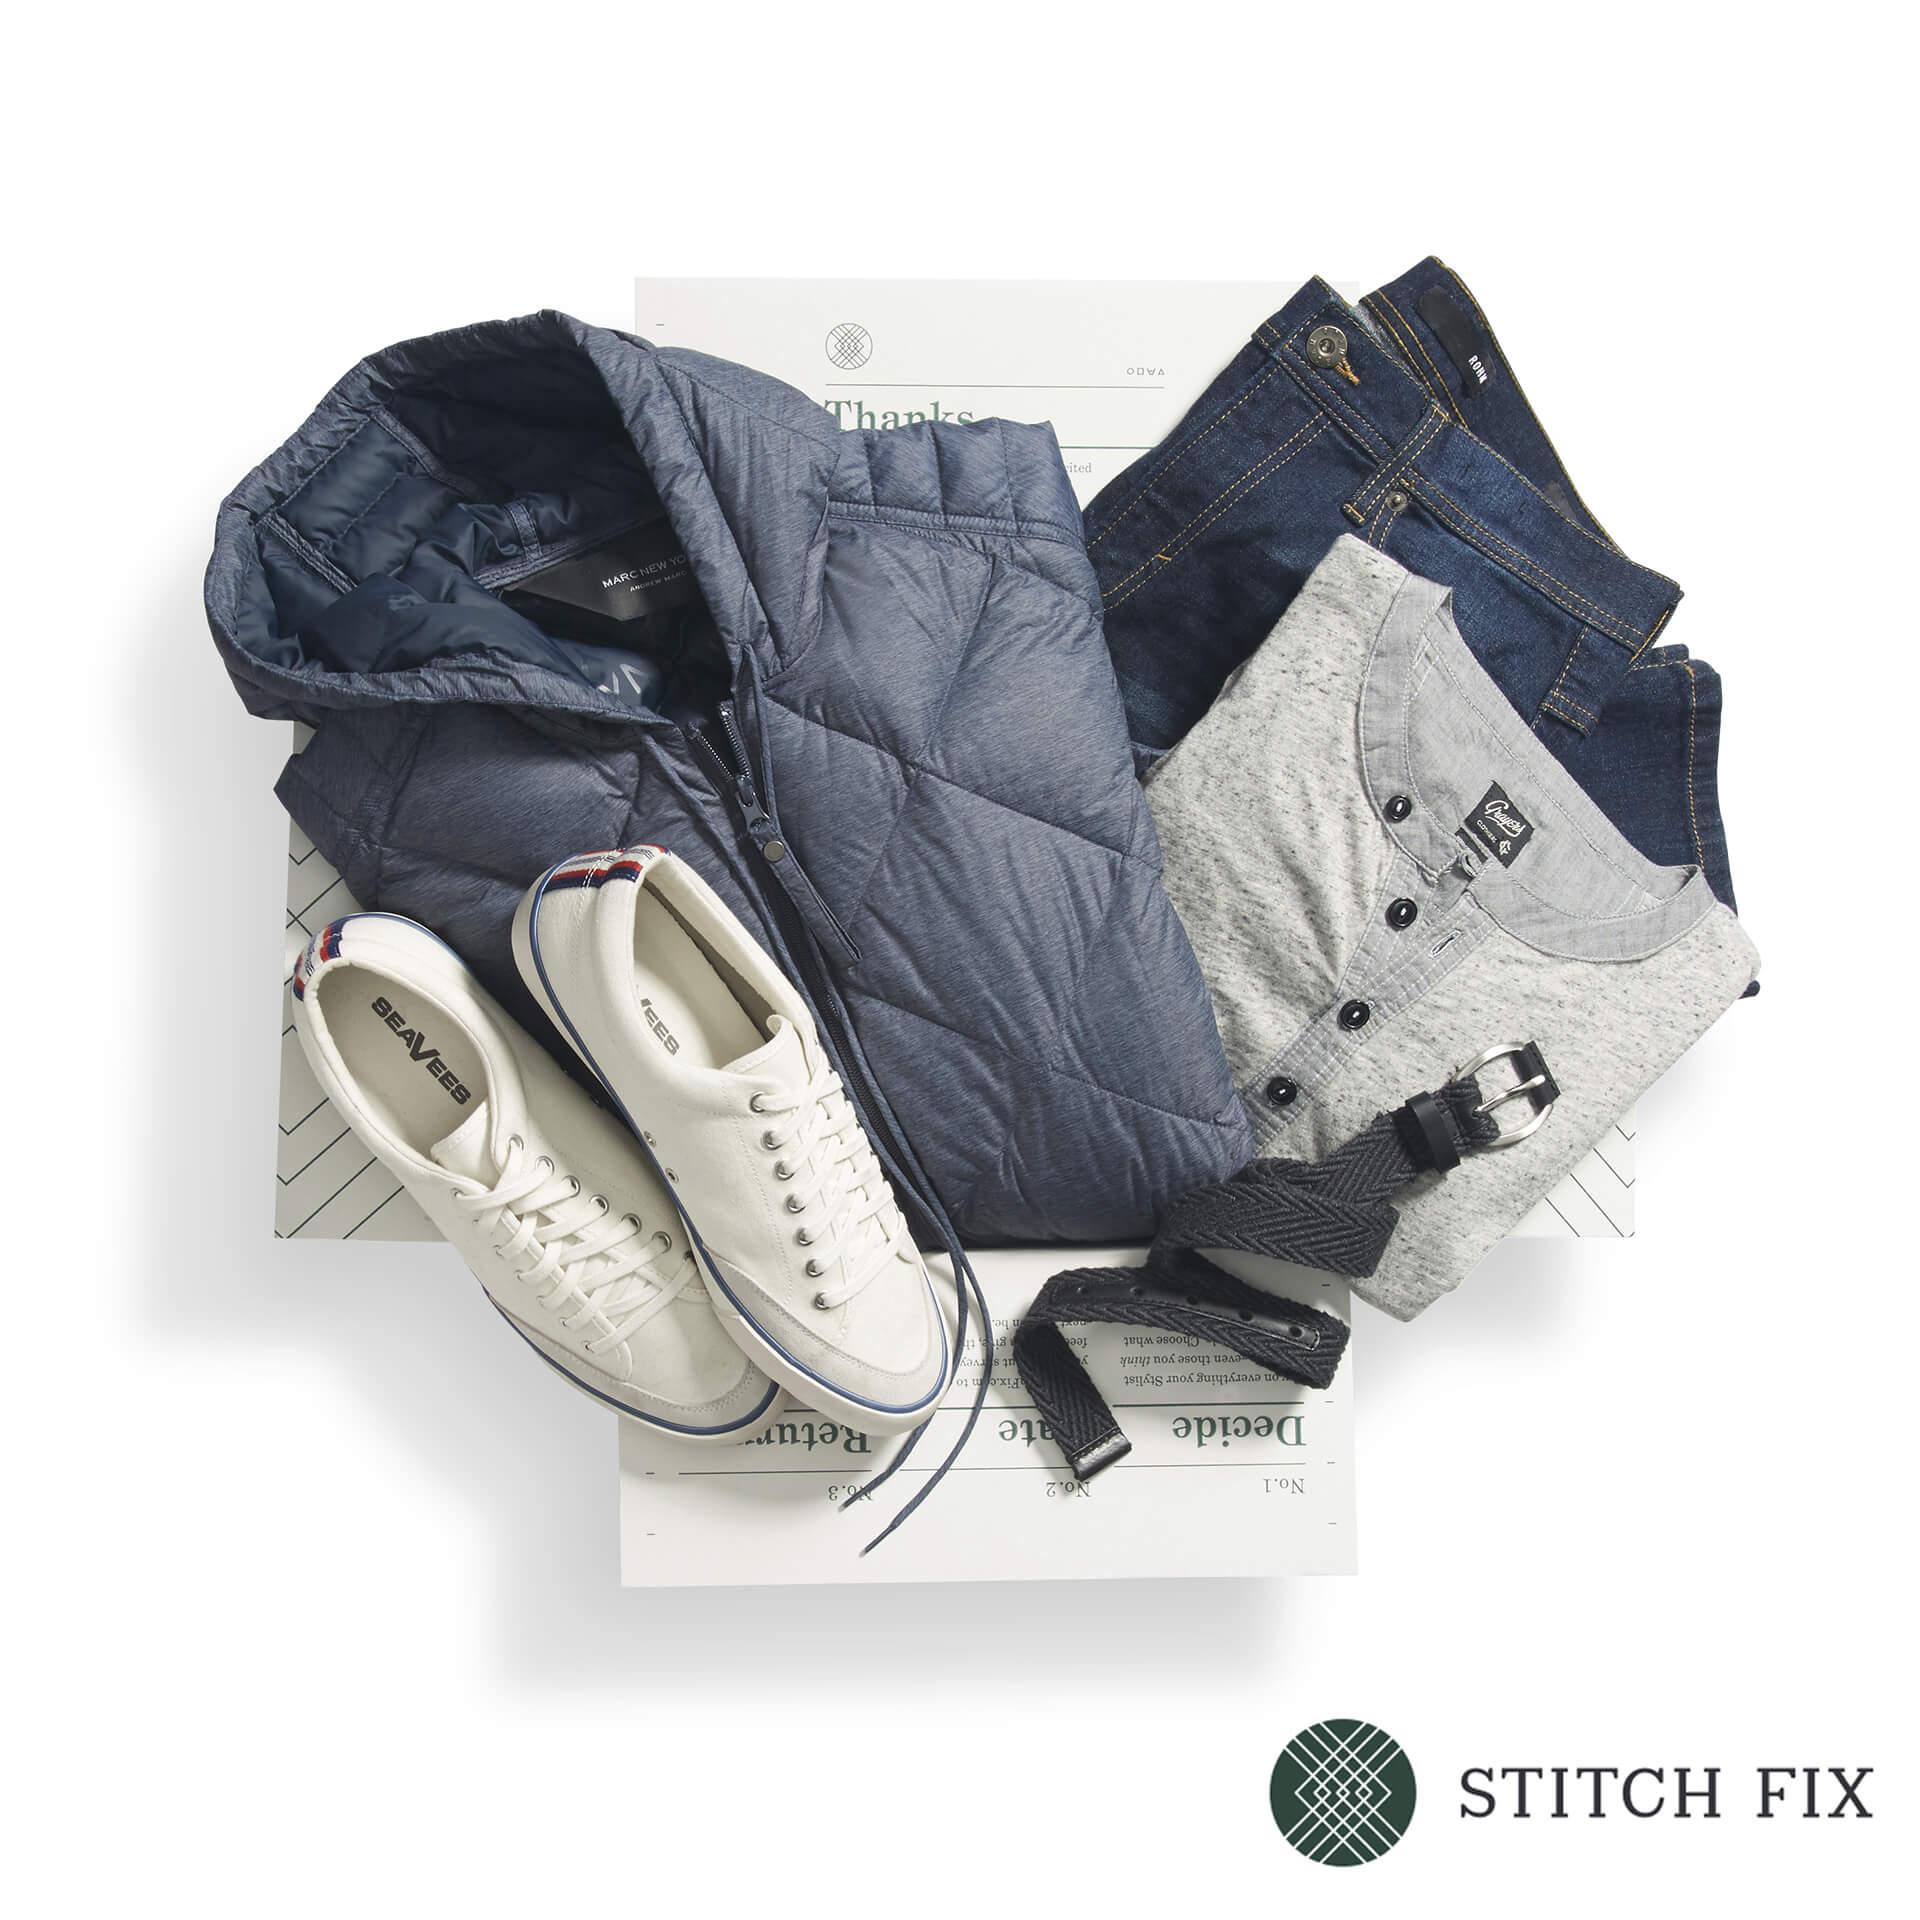 stitch fix box sneakers